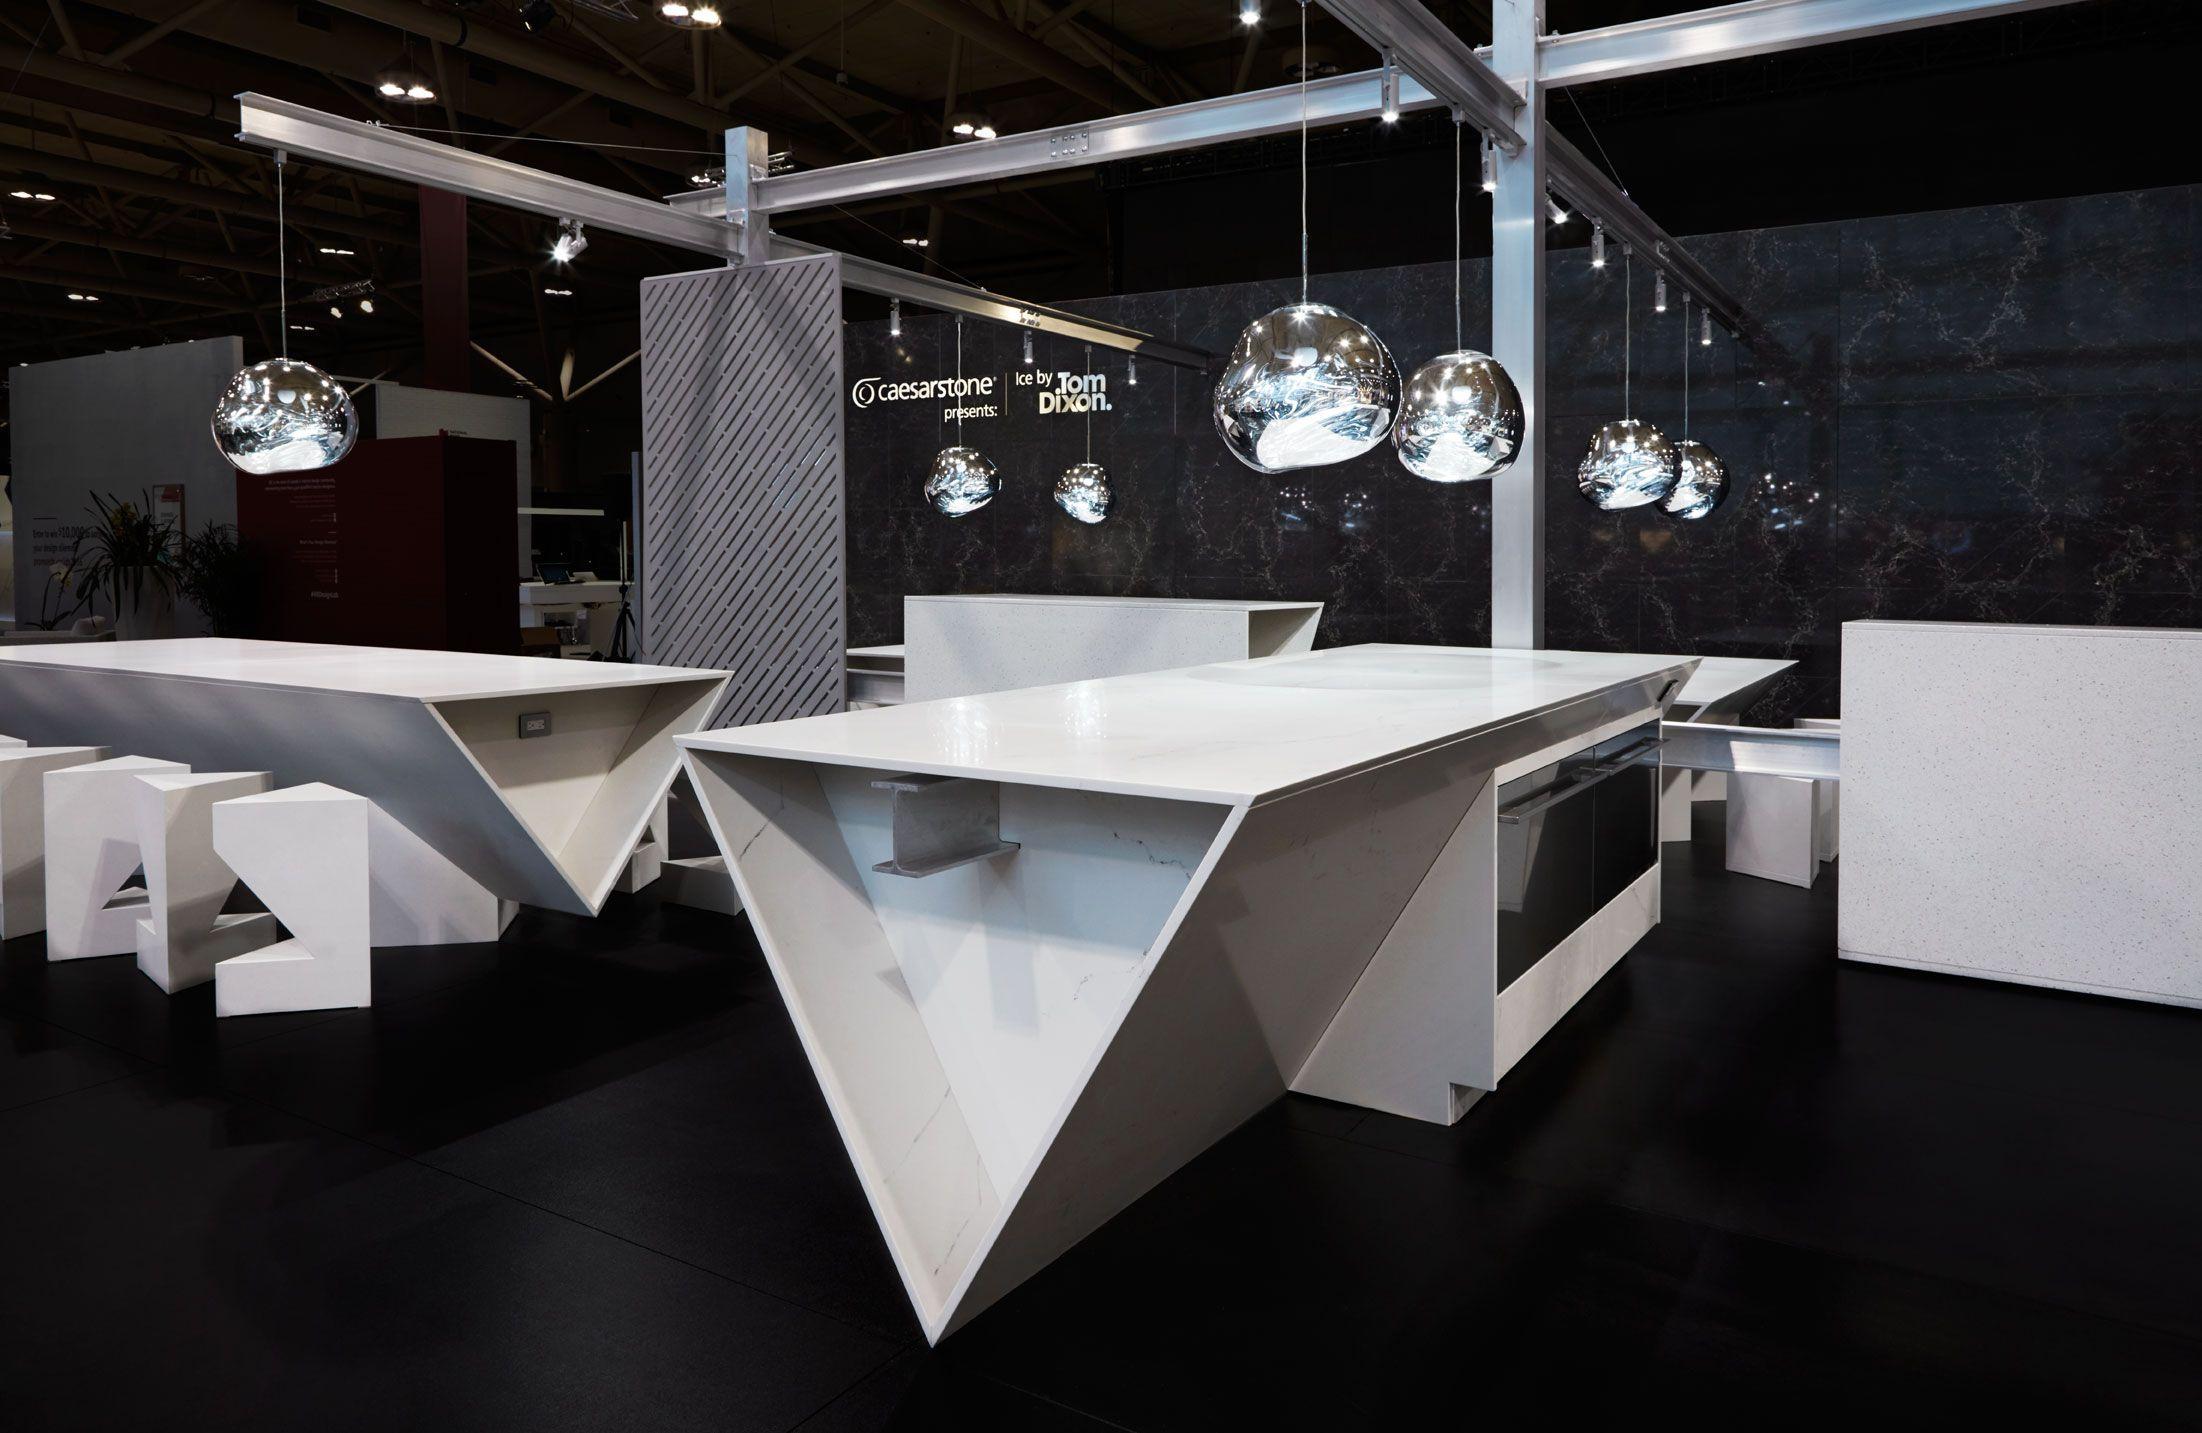 ICE kitchen @ IDS Toronto 2016 by Tom Mannion